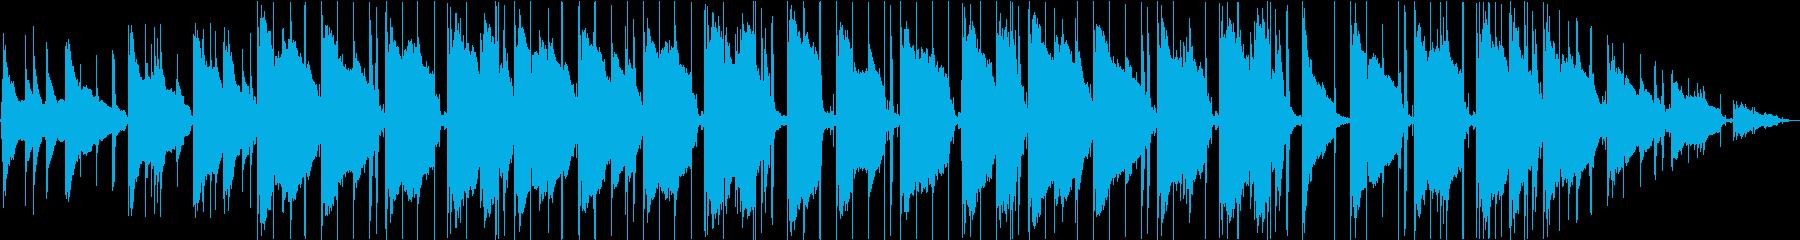 Lofi Hiphop/リラックスBGMの再生済みの波形